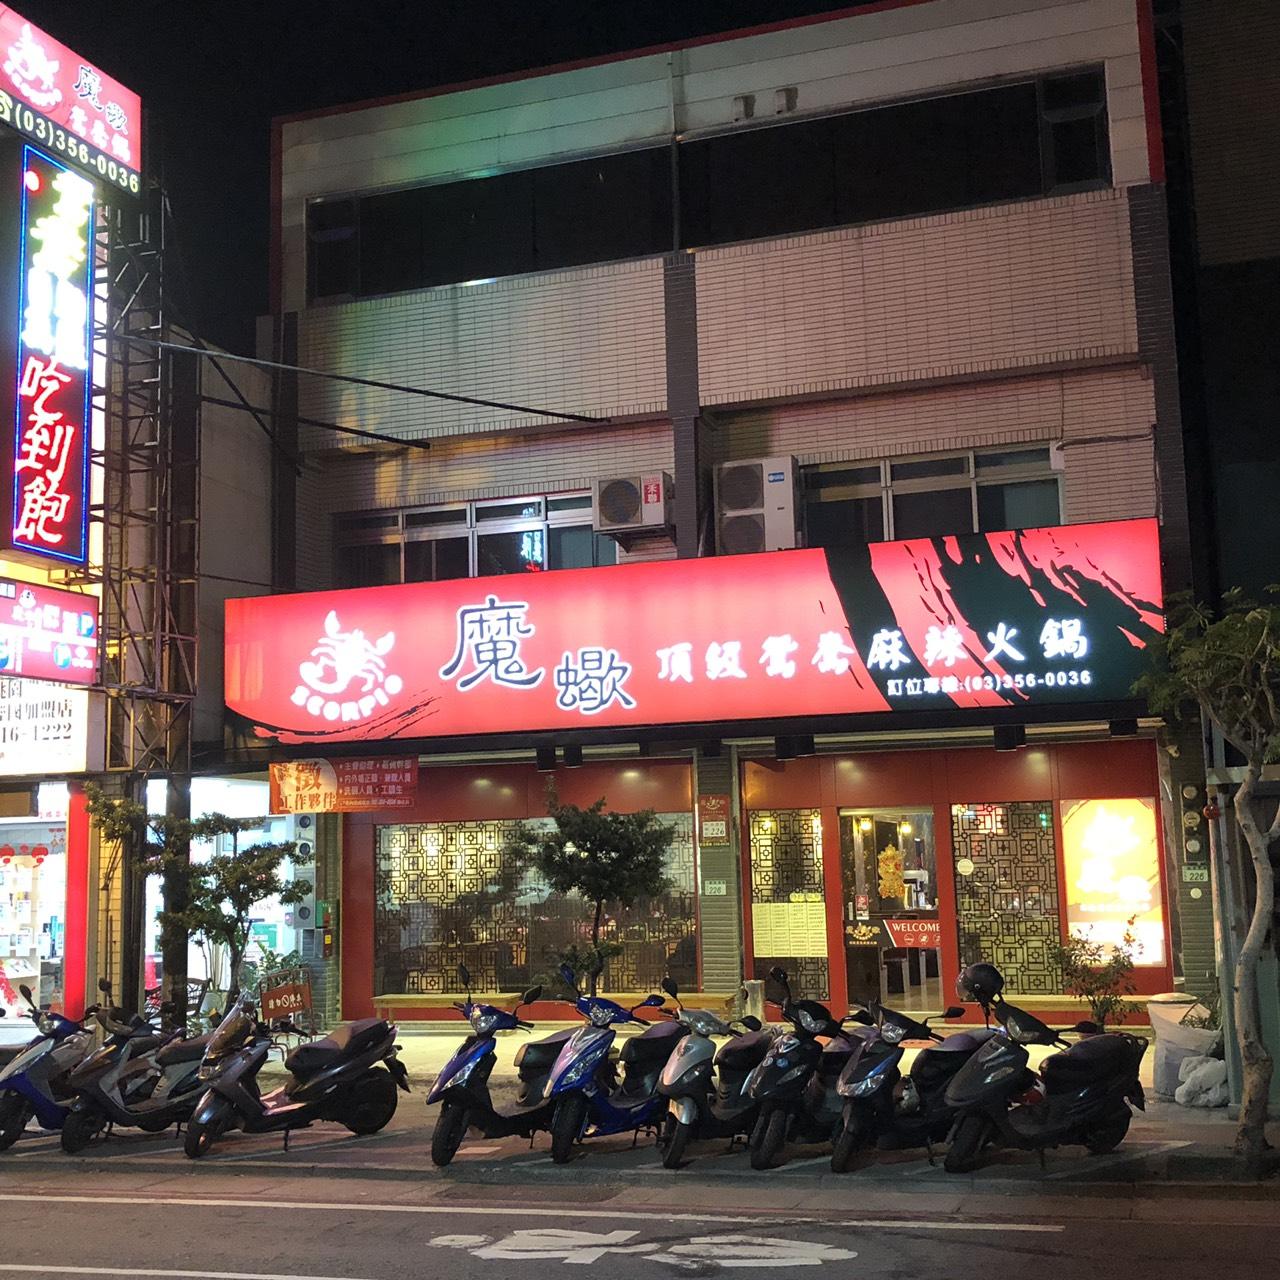 皇翔臻品國際有限公司